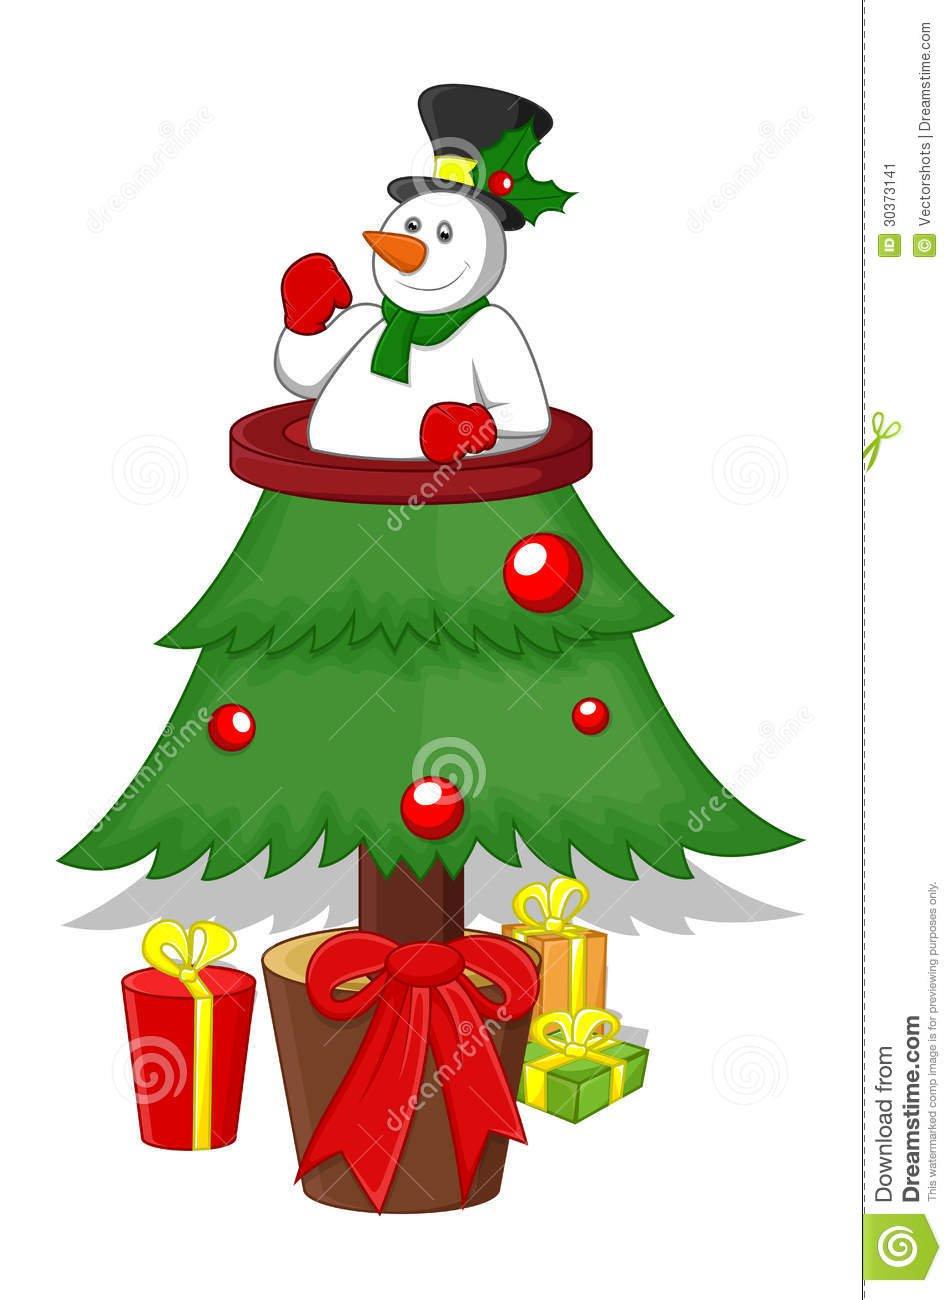 Árvore De Natal Dos Desenhos Animados Imagem De Stock